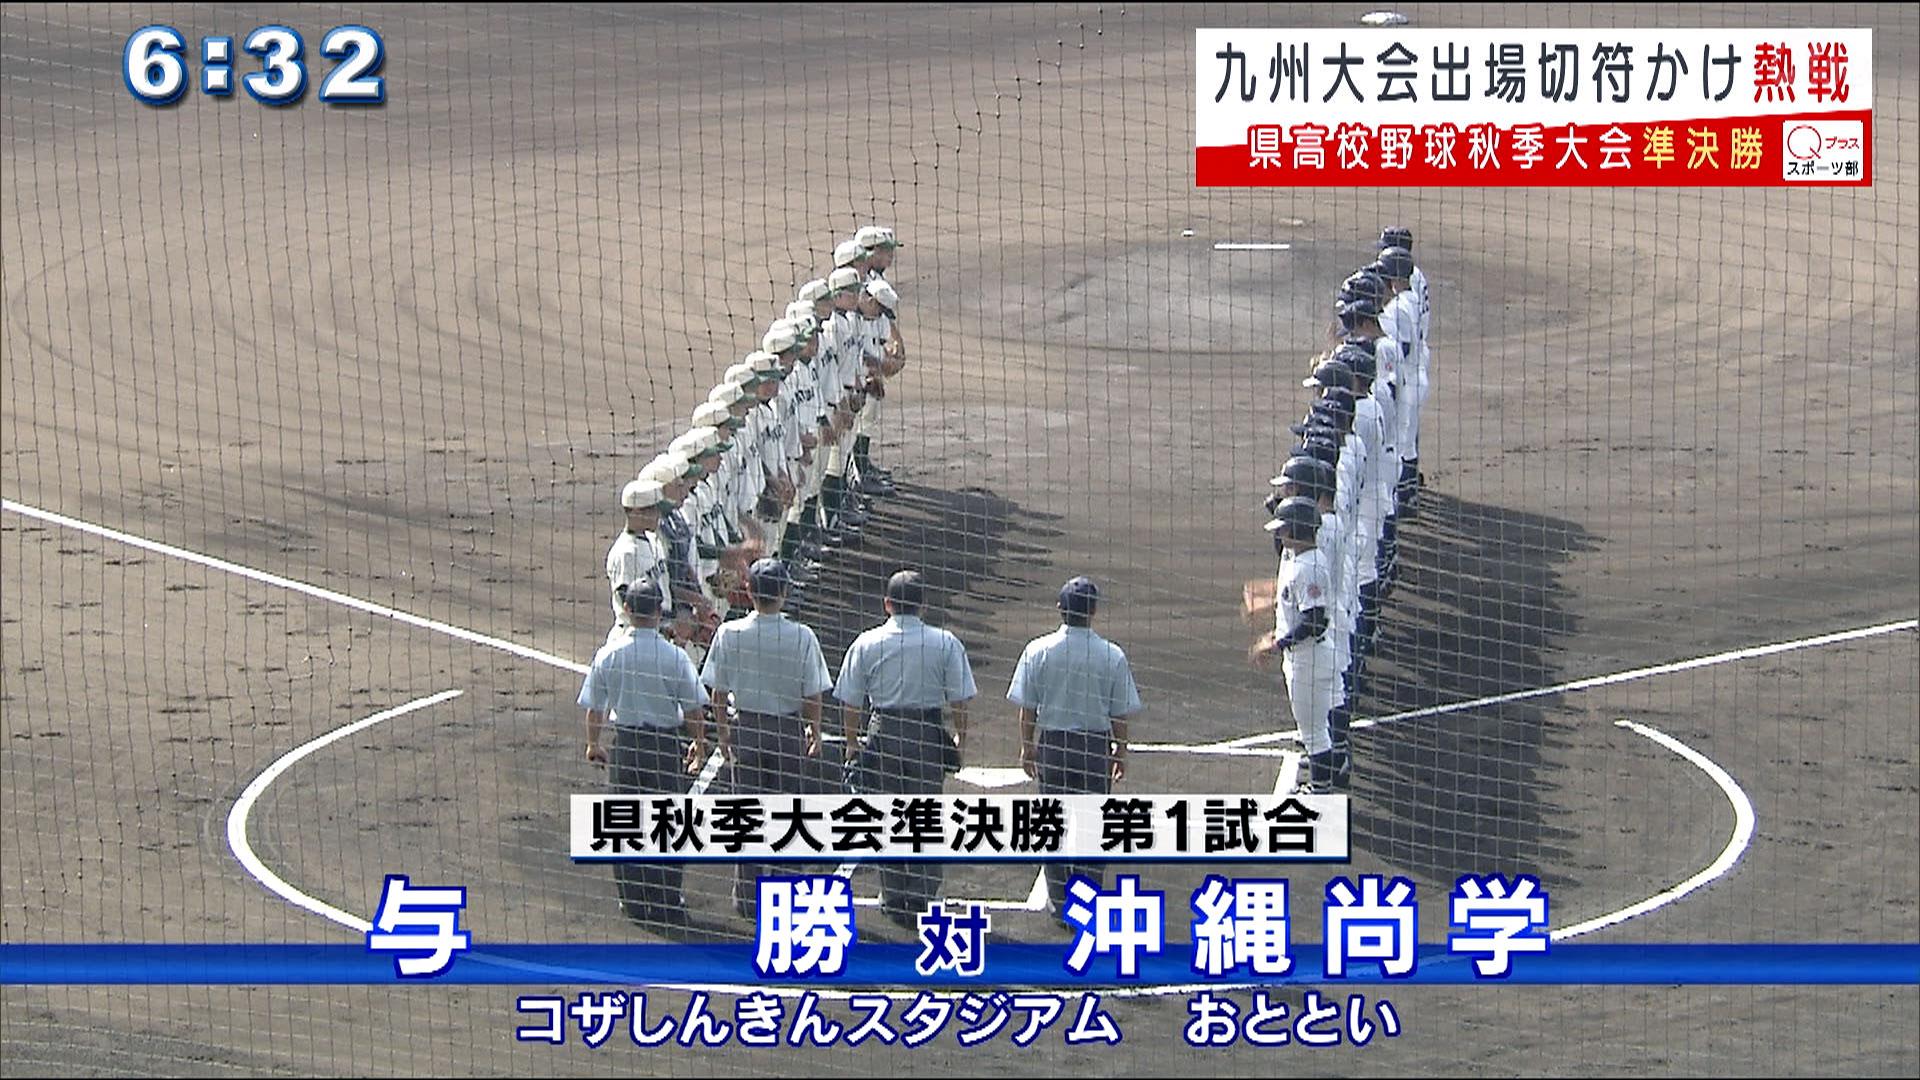 【秋季大会・準決勝、決勝】九州大会出場校決まる